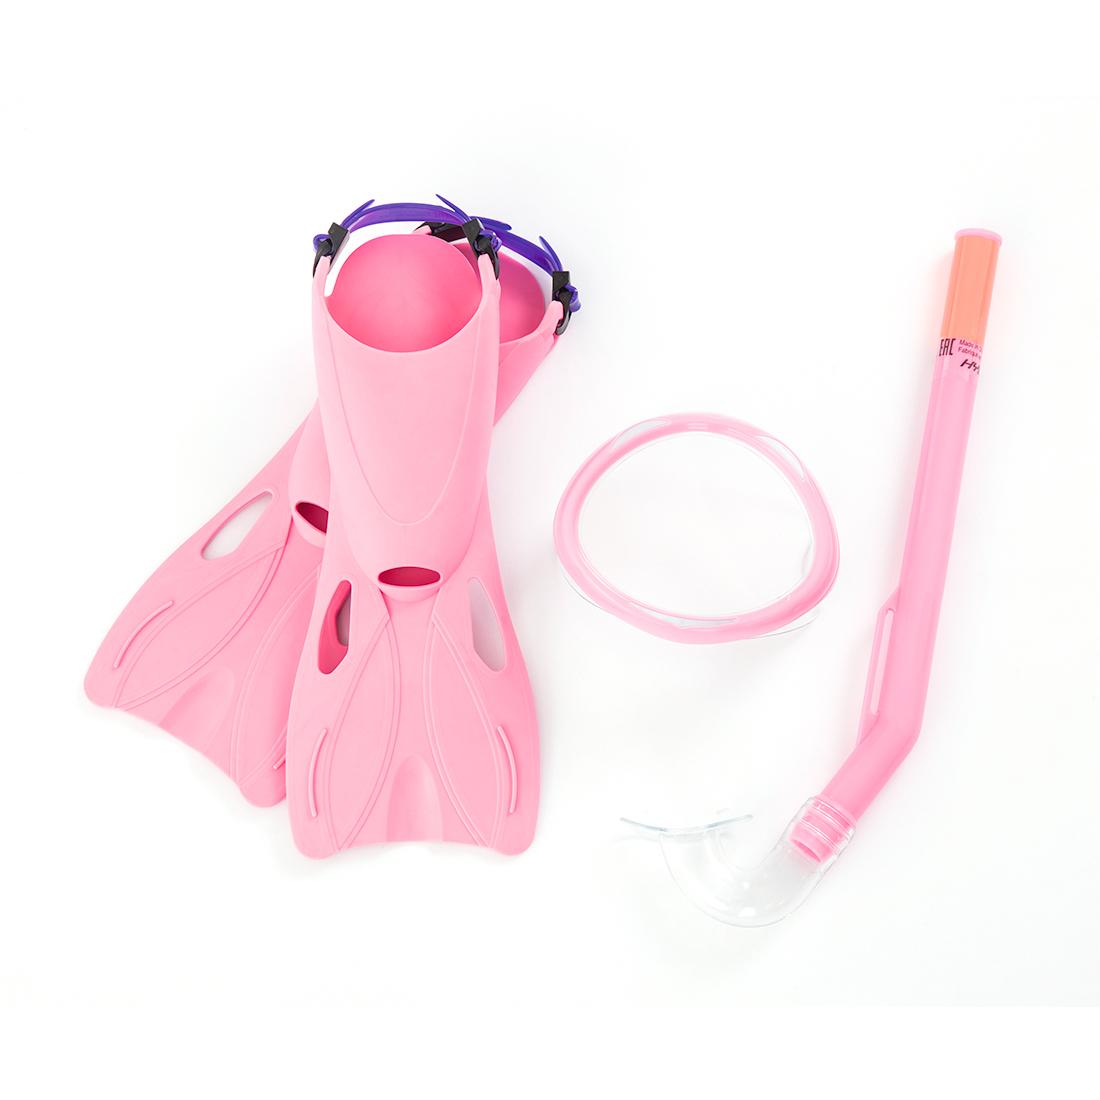 Набор для плавания Bestway 25018 в упаковке: маска, трубка, ласты